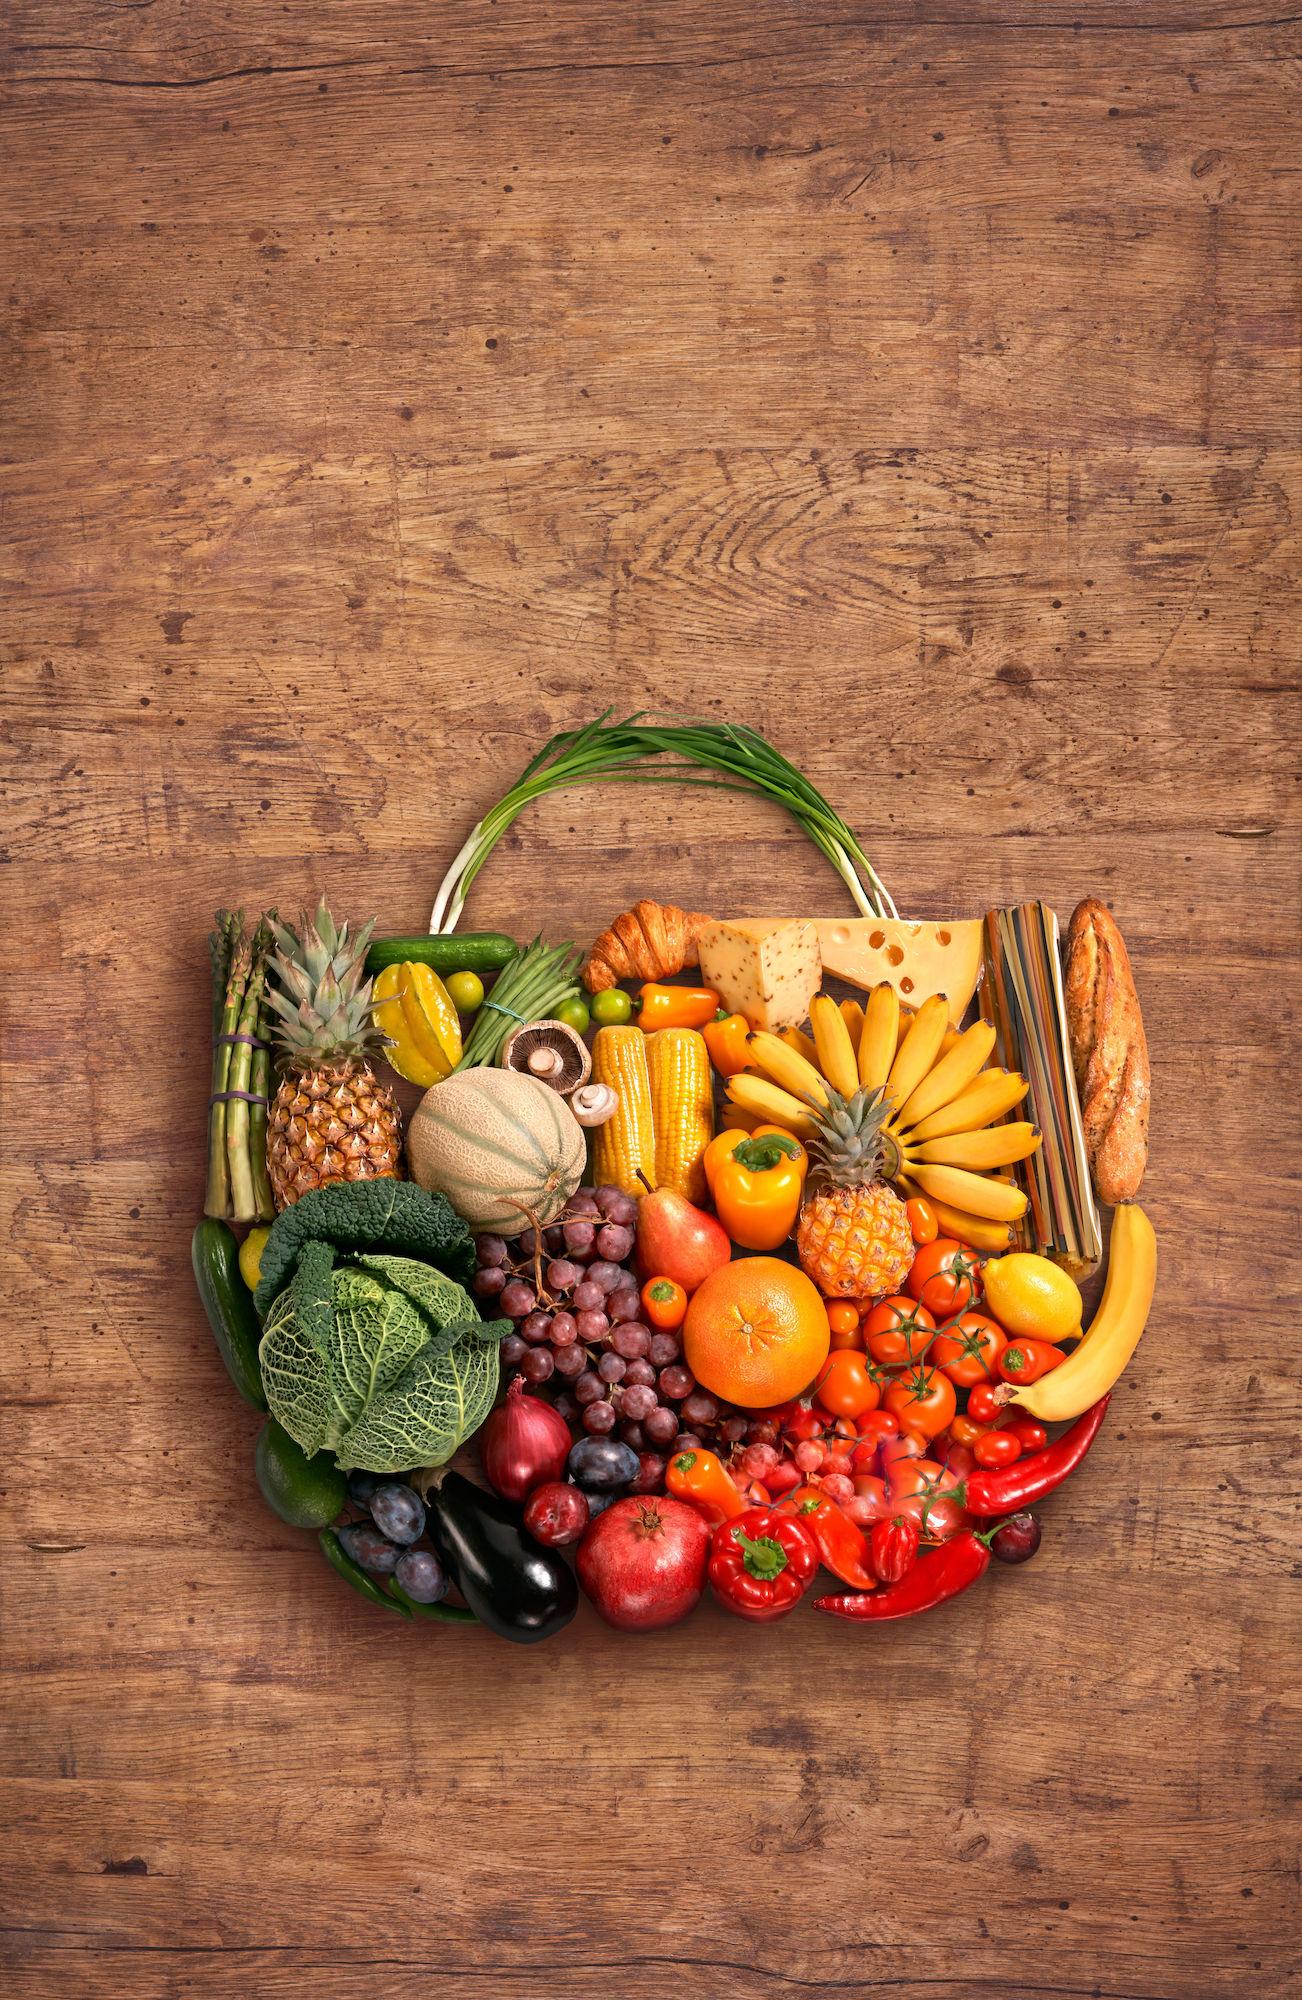 Mandje uit groenten